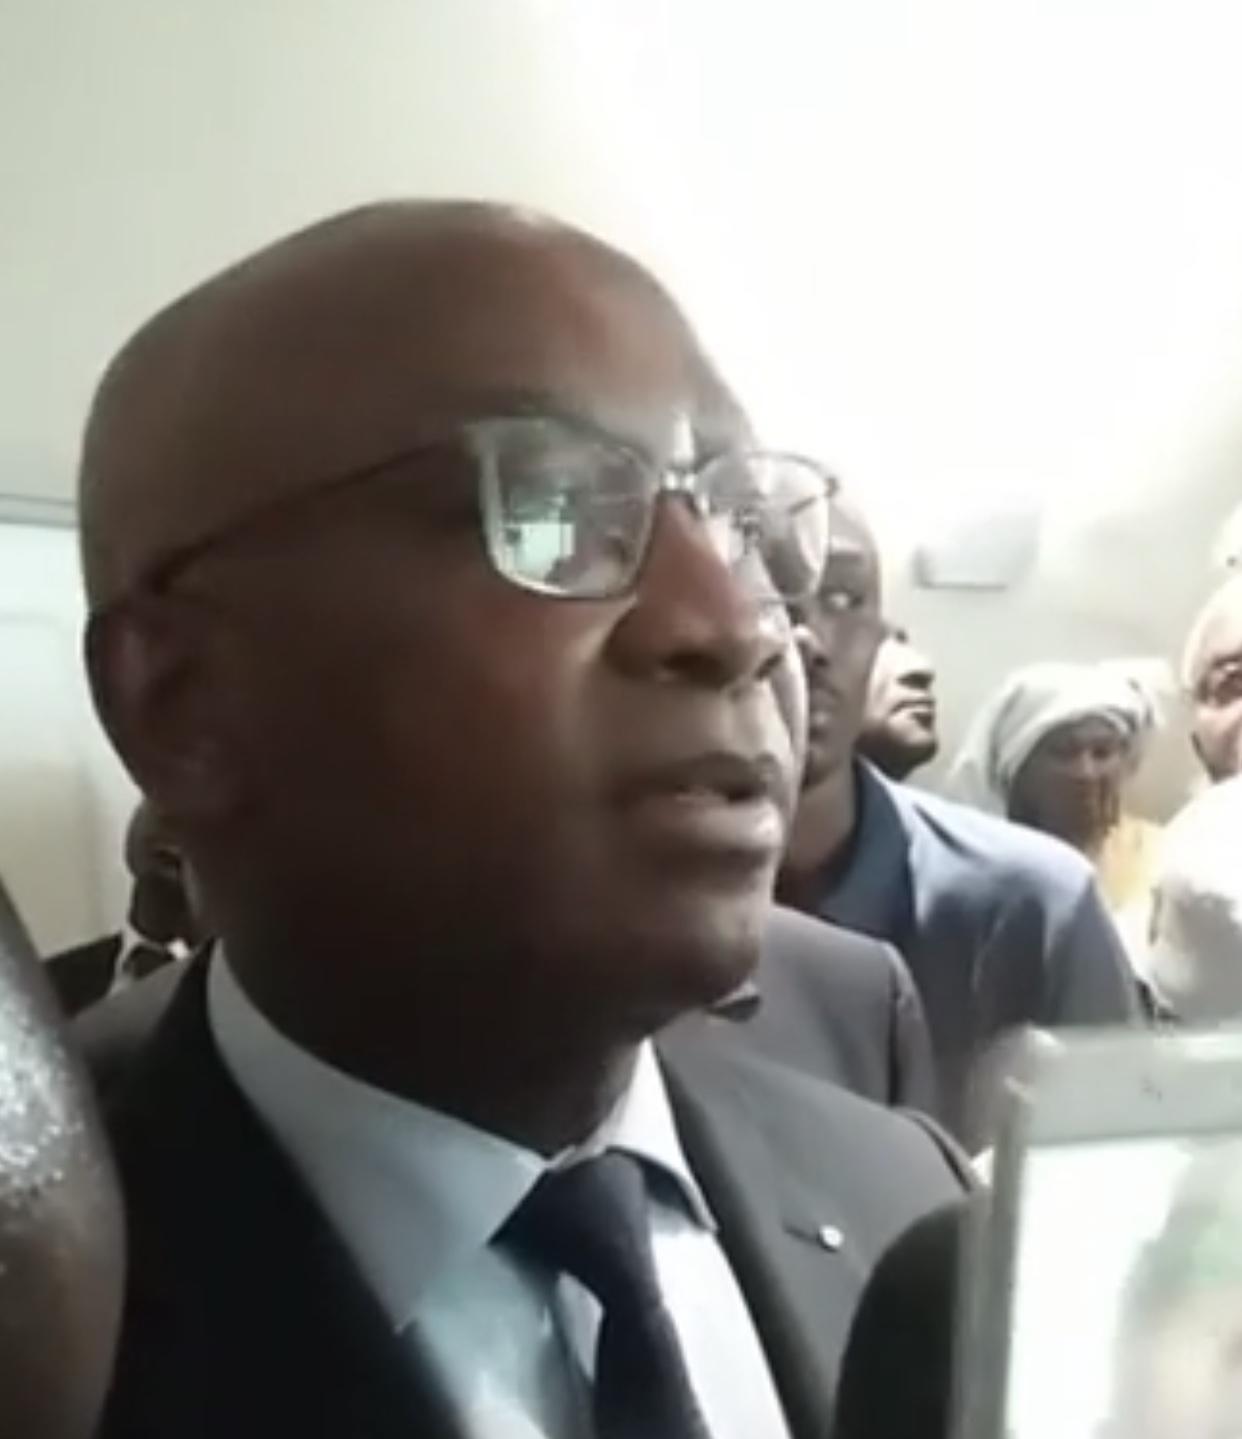 Serigne Mbaye Thiam à Paris : « Nous remercions le président Macky Sall pour toutes les dispositions qu'il a prises depuis la maladie de Ousmane jusqu'à ce jour... »